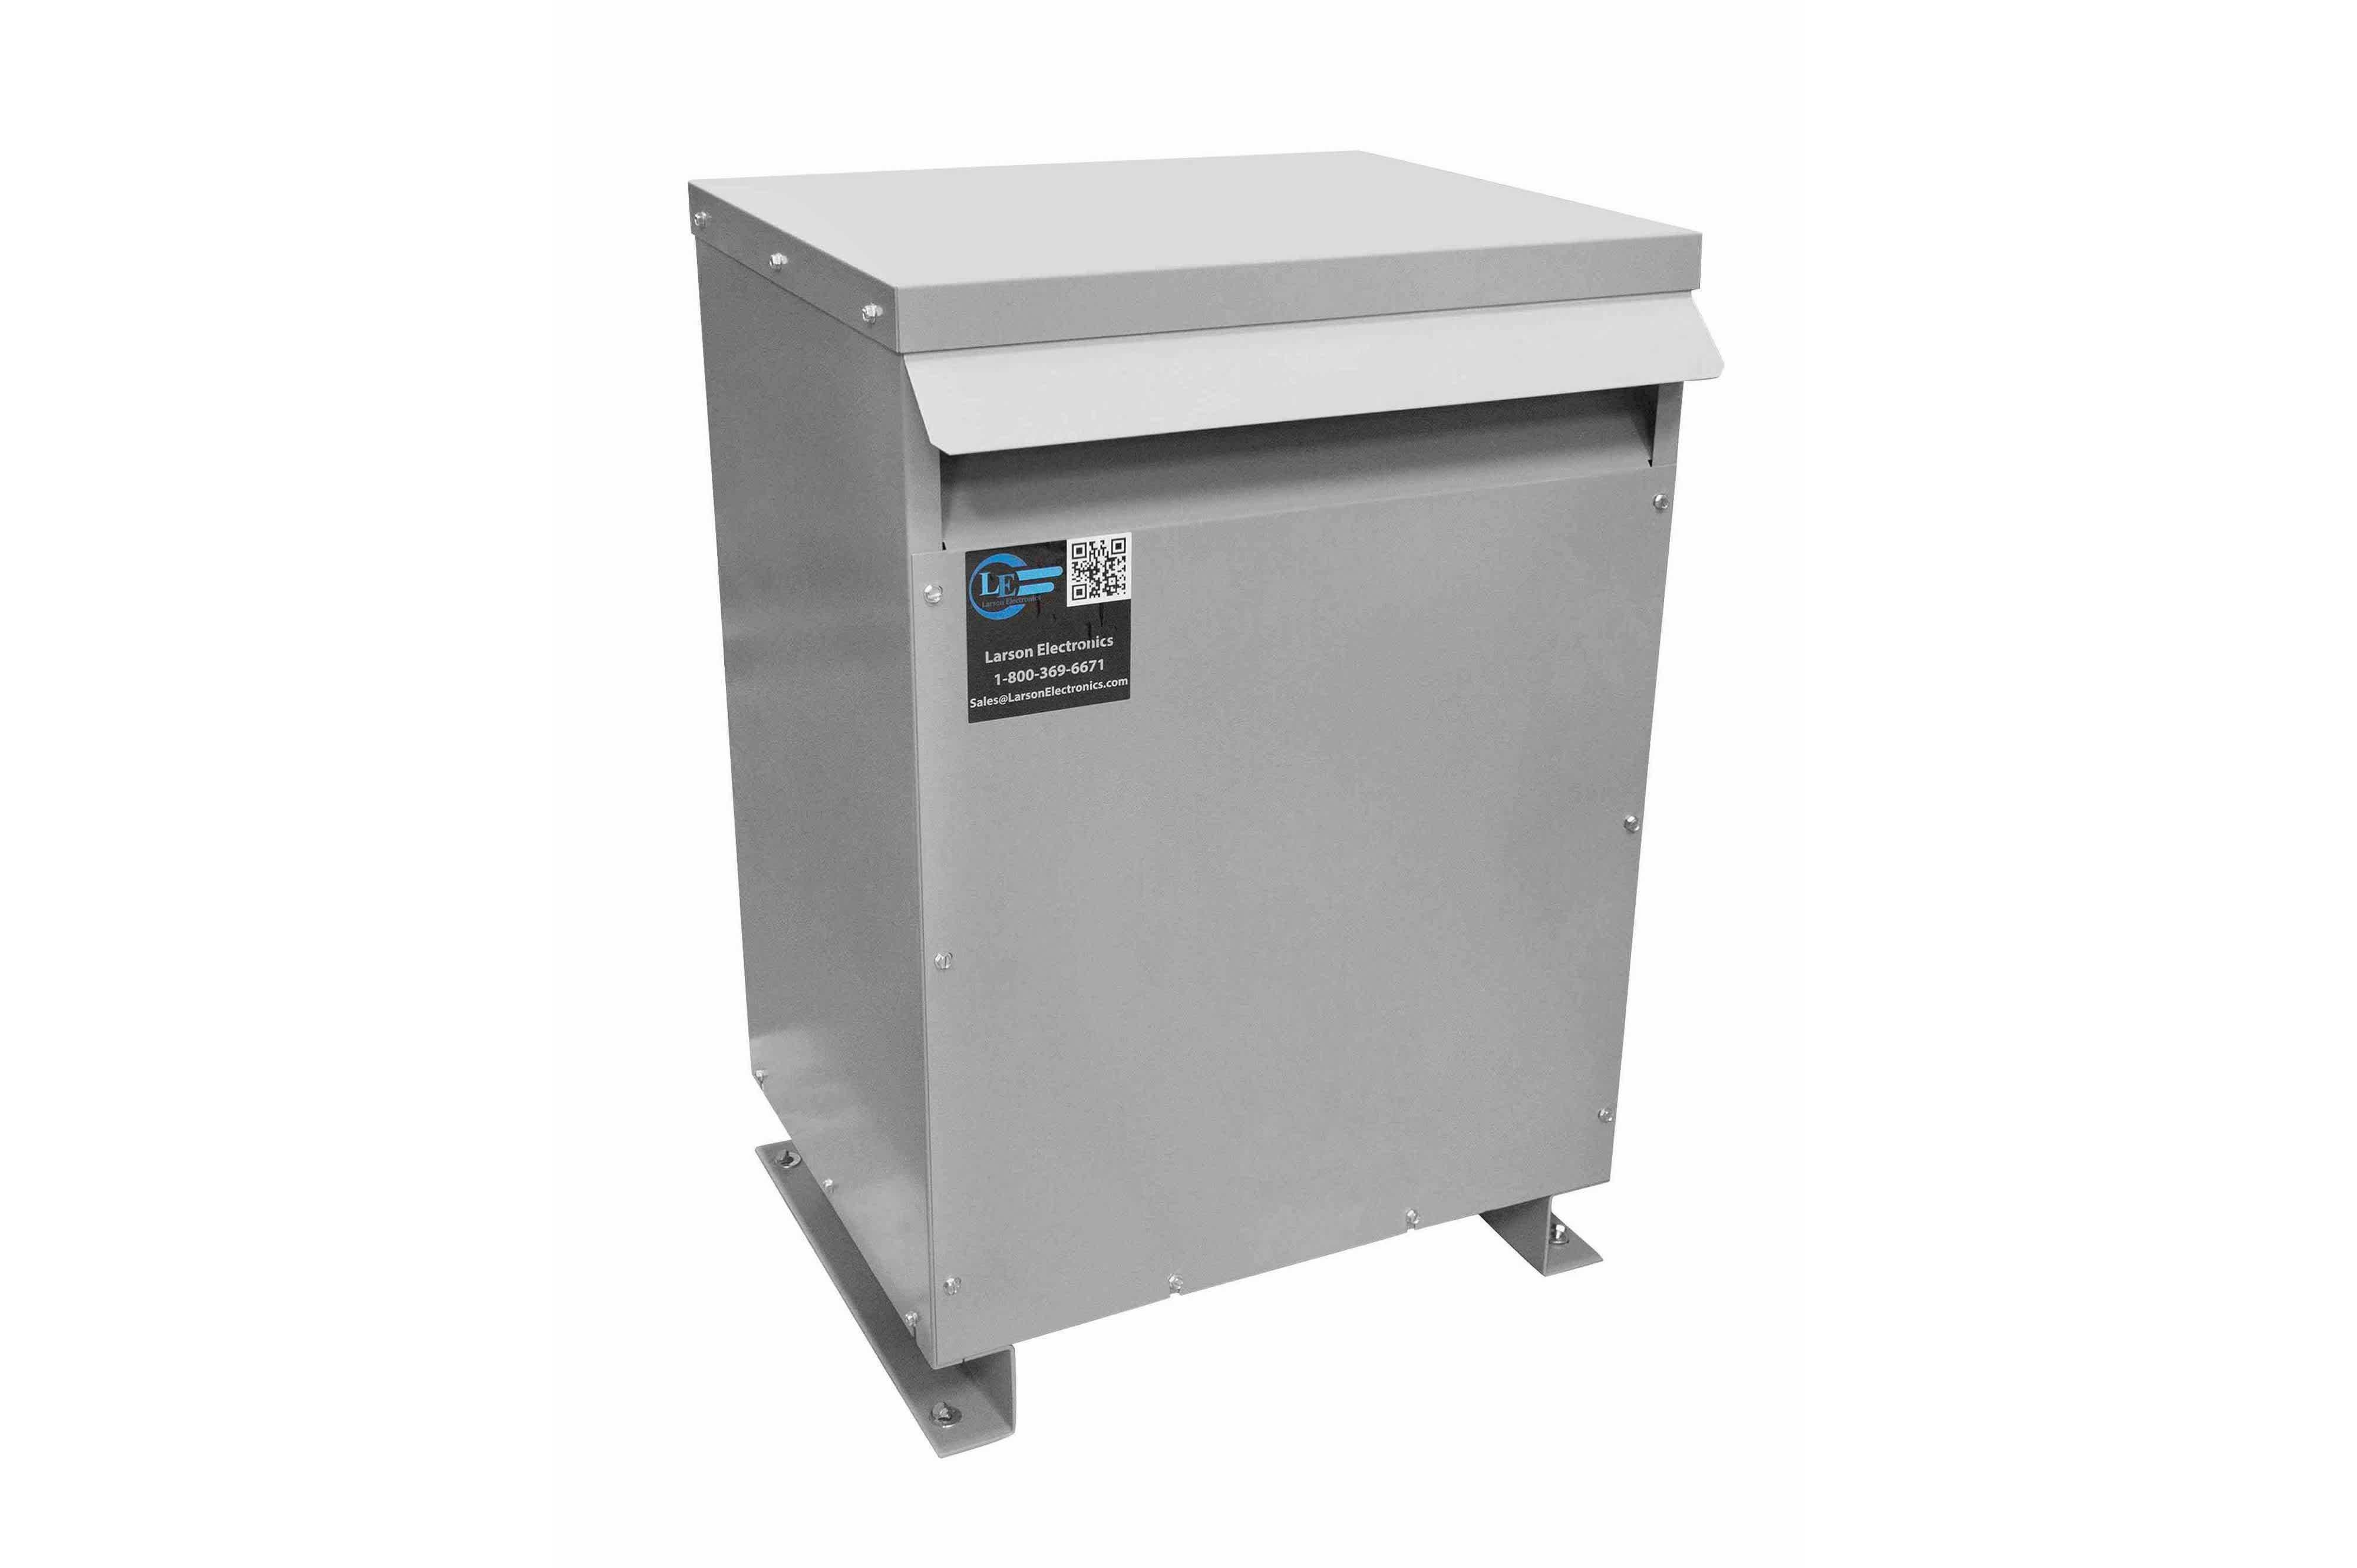 55 kVA 3PH Isolation Transformer, 575V Delta Primary, 380V Delta Secondary, N3R, Ventilated, 60 Hz